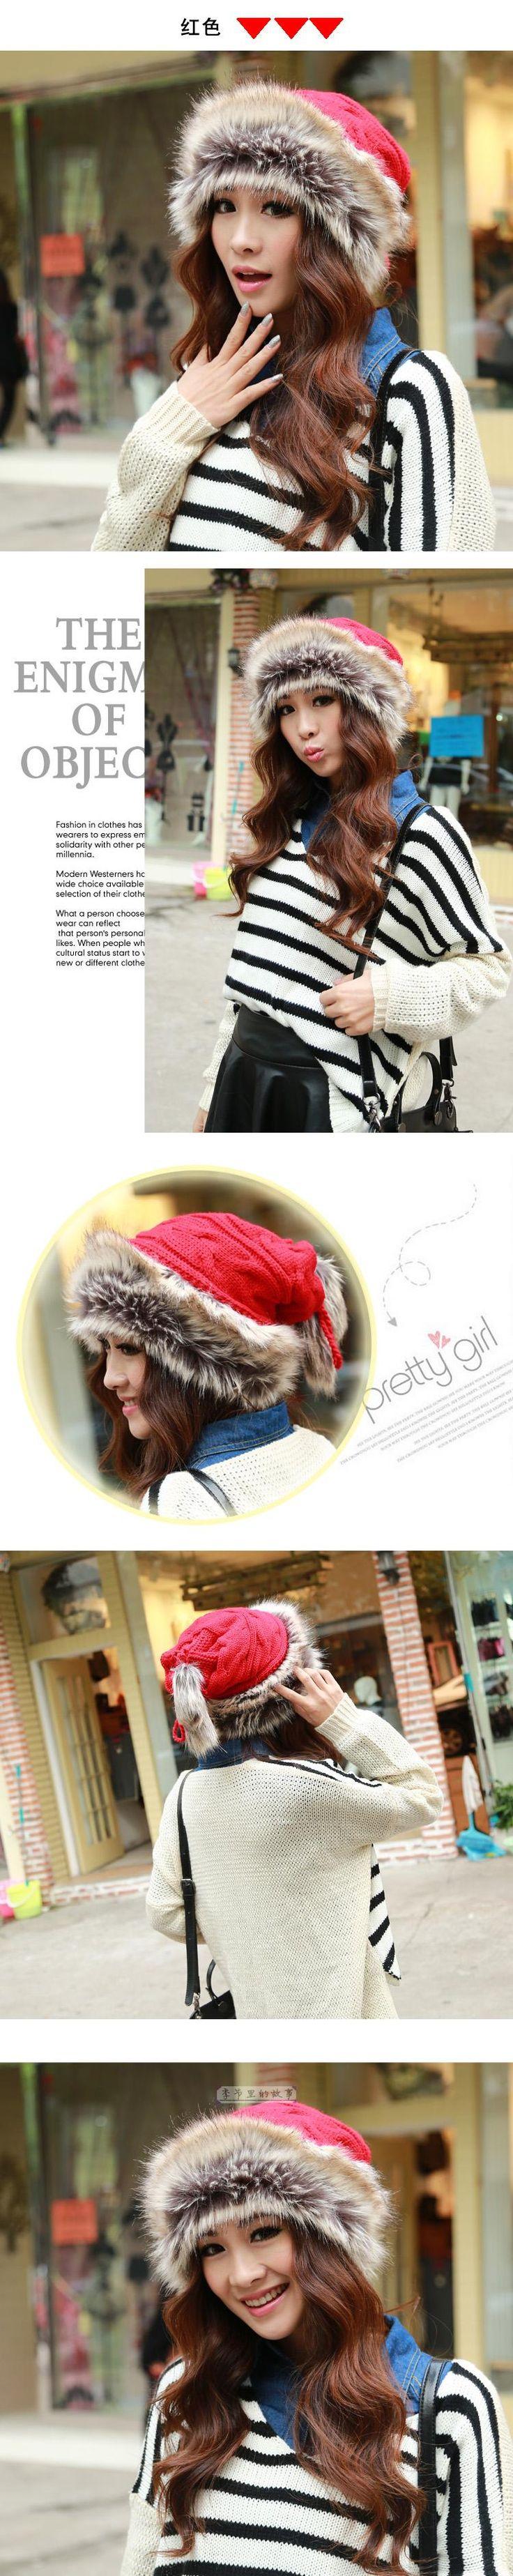 Осень и зима женский корейской зимой толстые теплая шерстяная шапка кролика волосы вязаная шапка шляпа шарф двойного назначения женщин купить на AliExpress